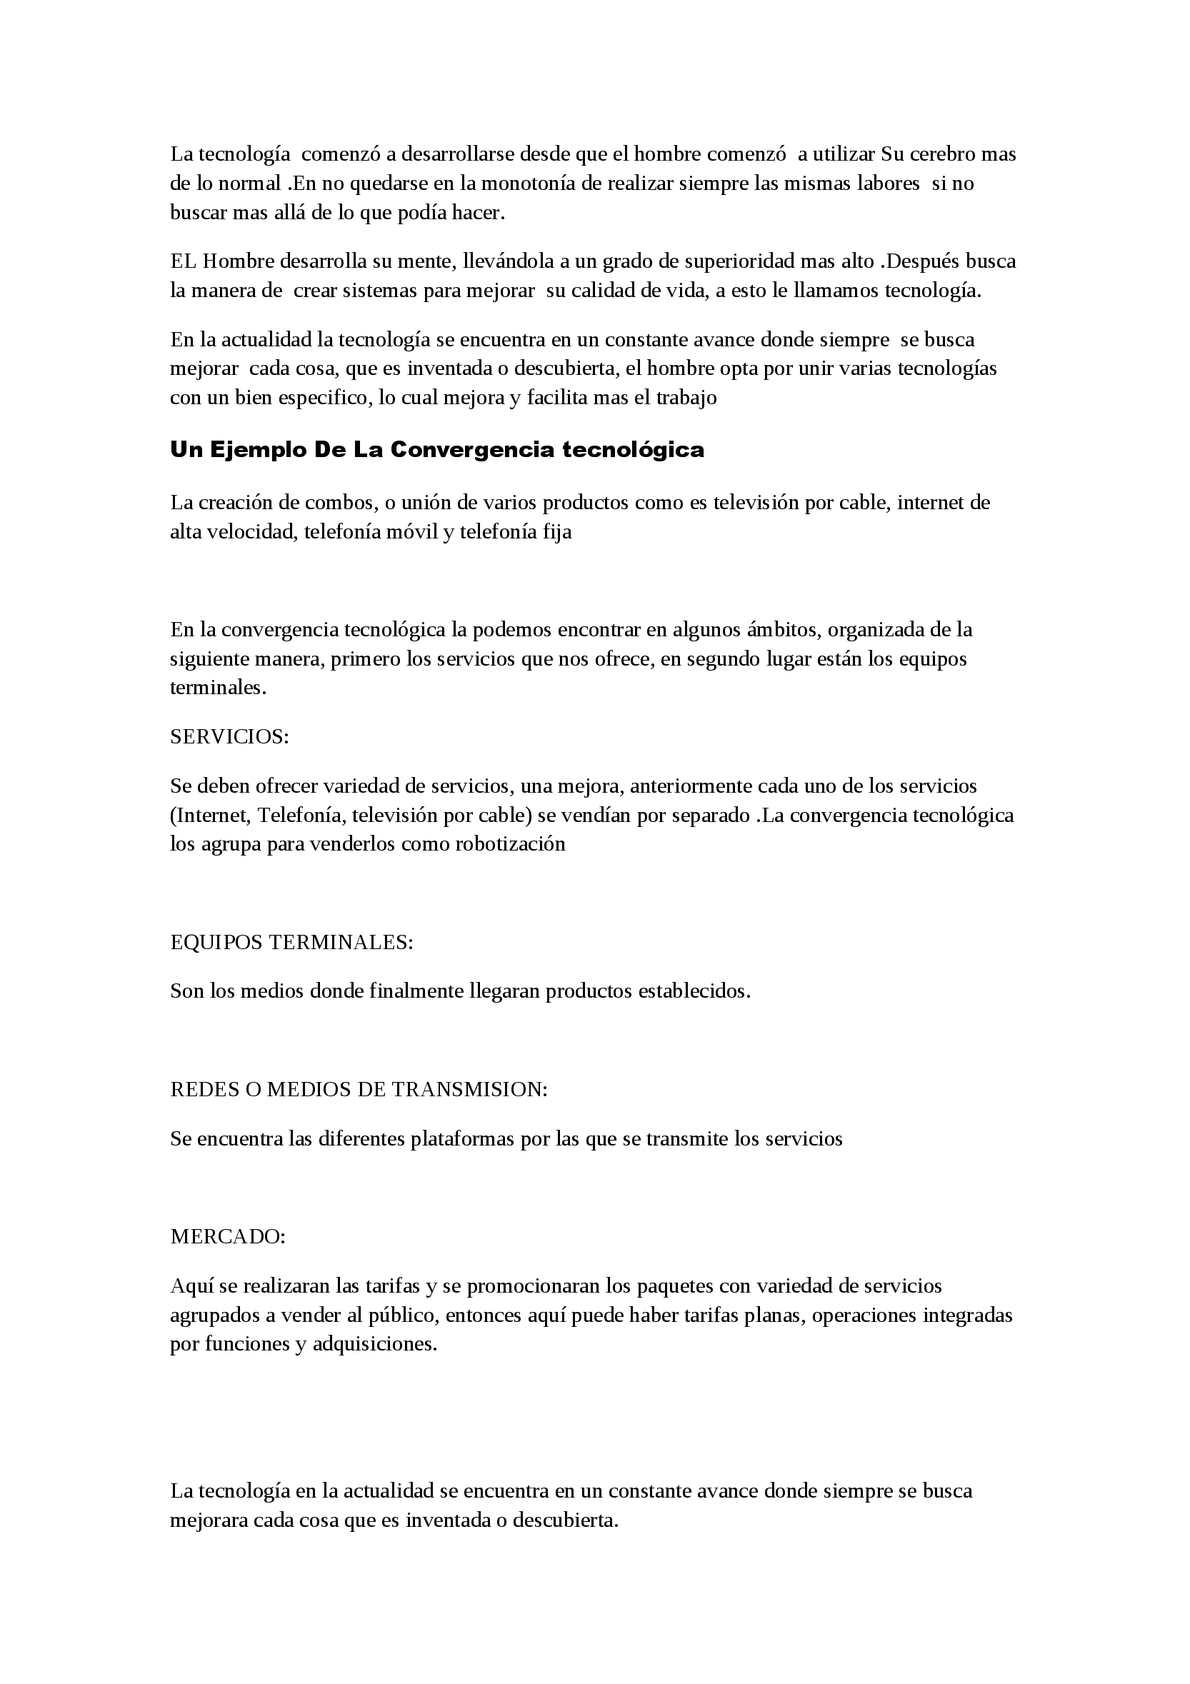 Calaméo - trabajo convergencia 358a36384a